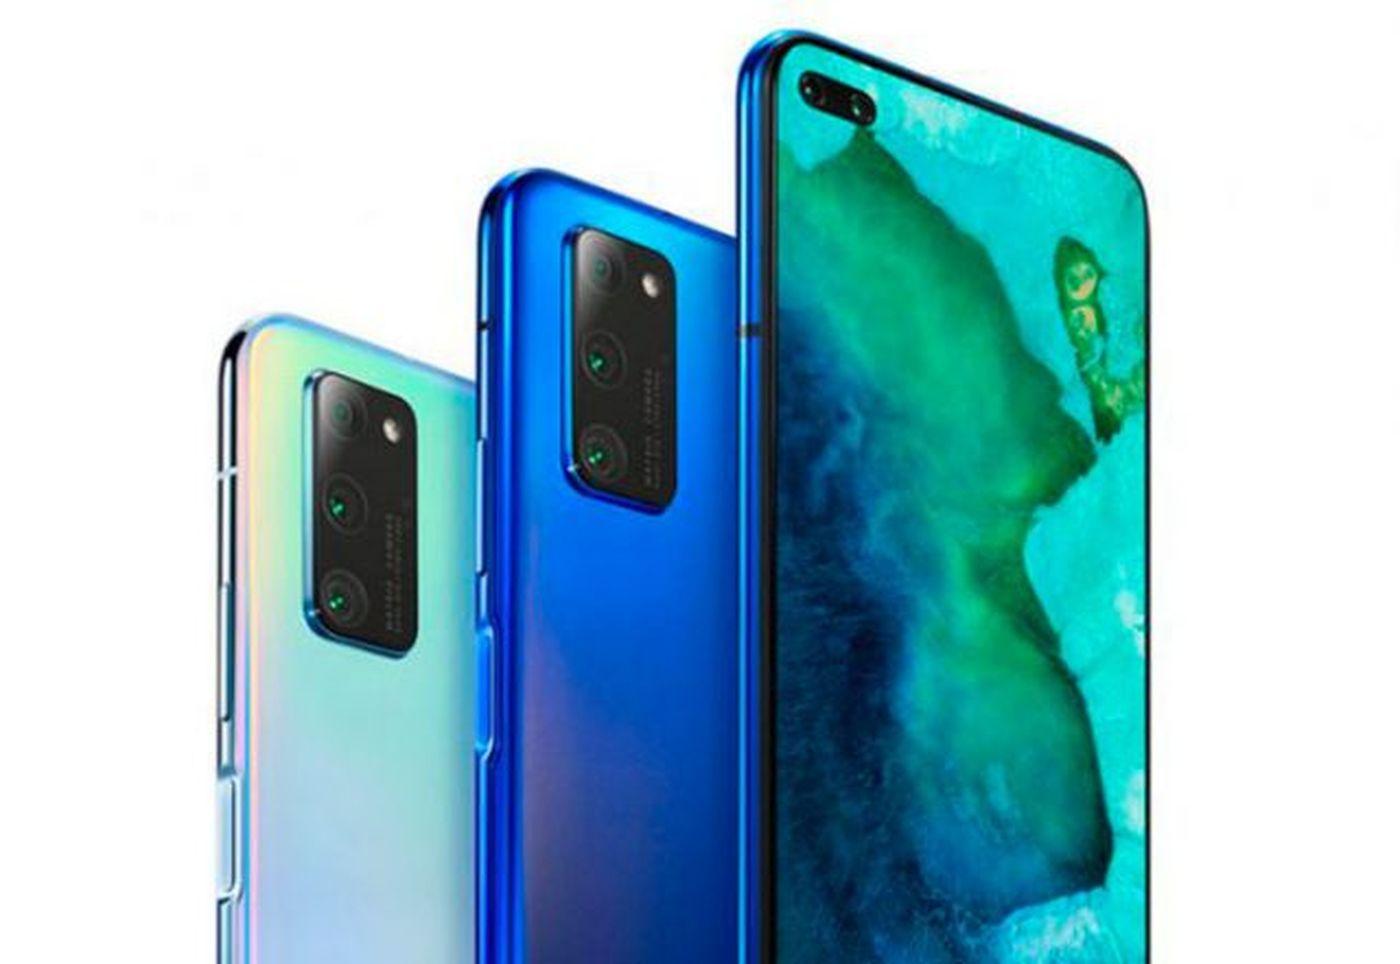 Honor dévoile deux nouveaux smartphones, les Honor View 30 Pro et 9X Pro